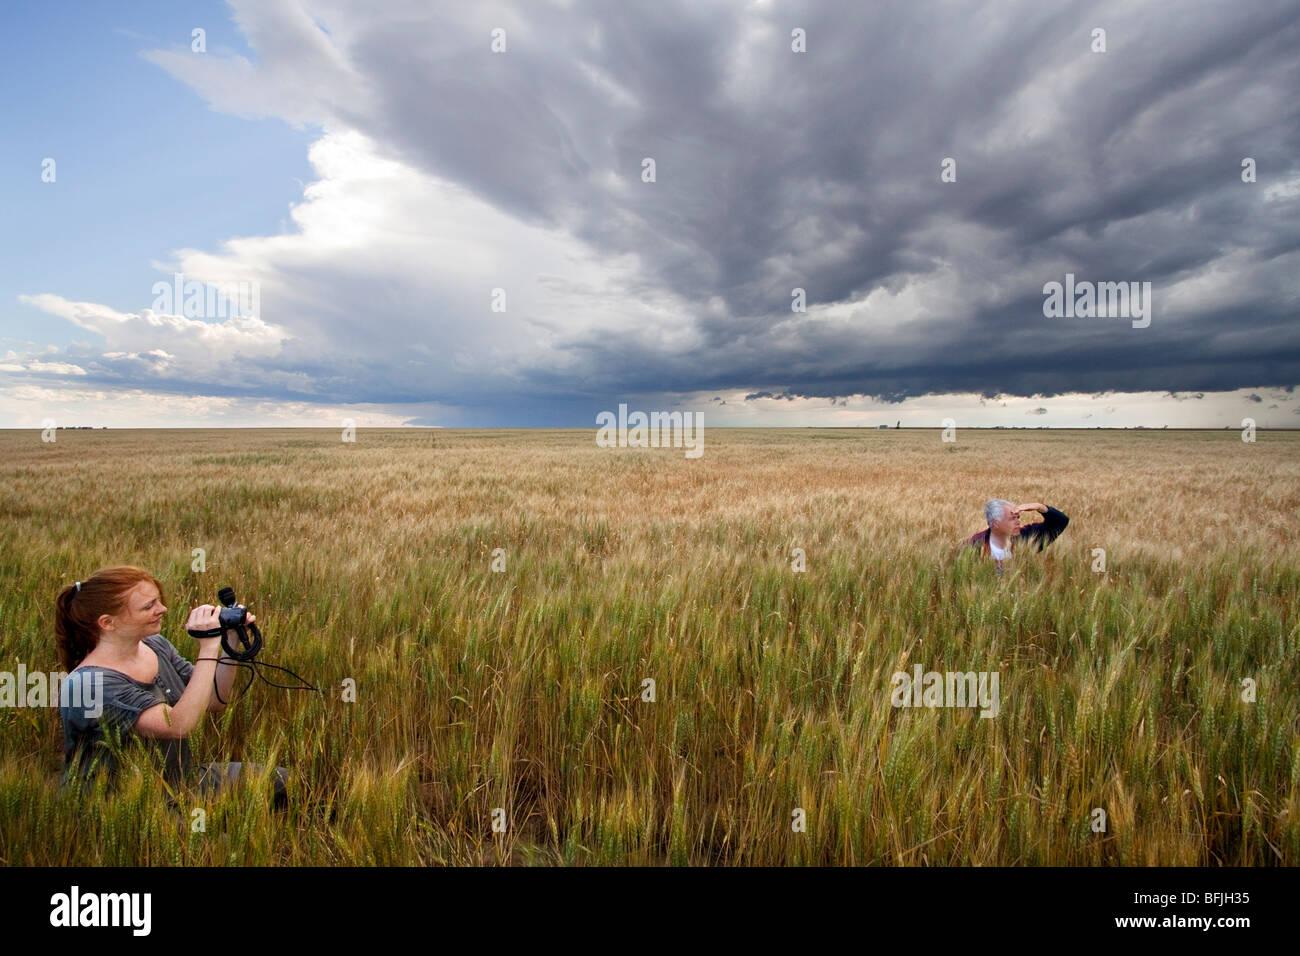 Storm Chaser Tim Marshall (à droite) et un journaliste (à gauche) dans une prairie champ dans l'ouest Photo Stock